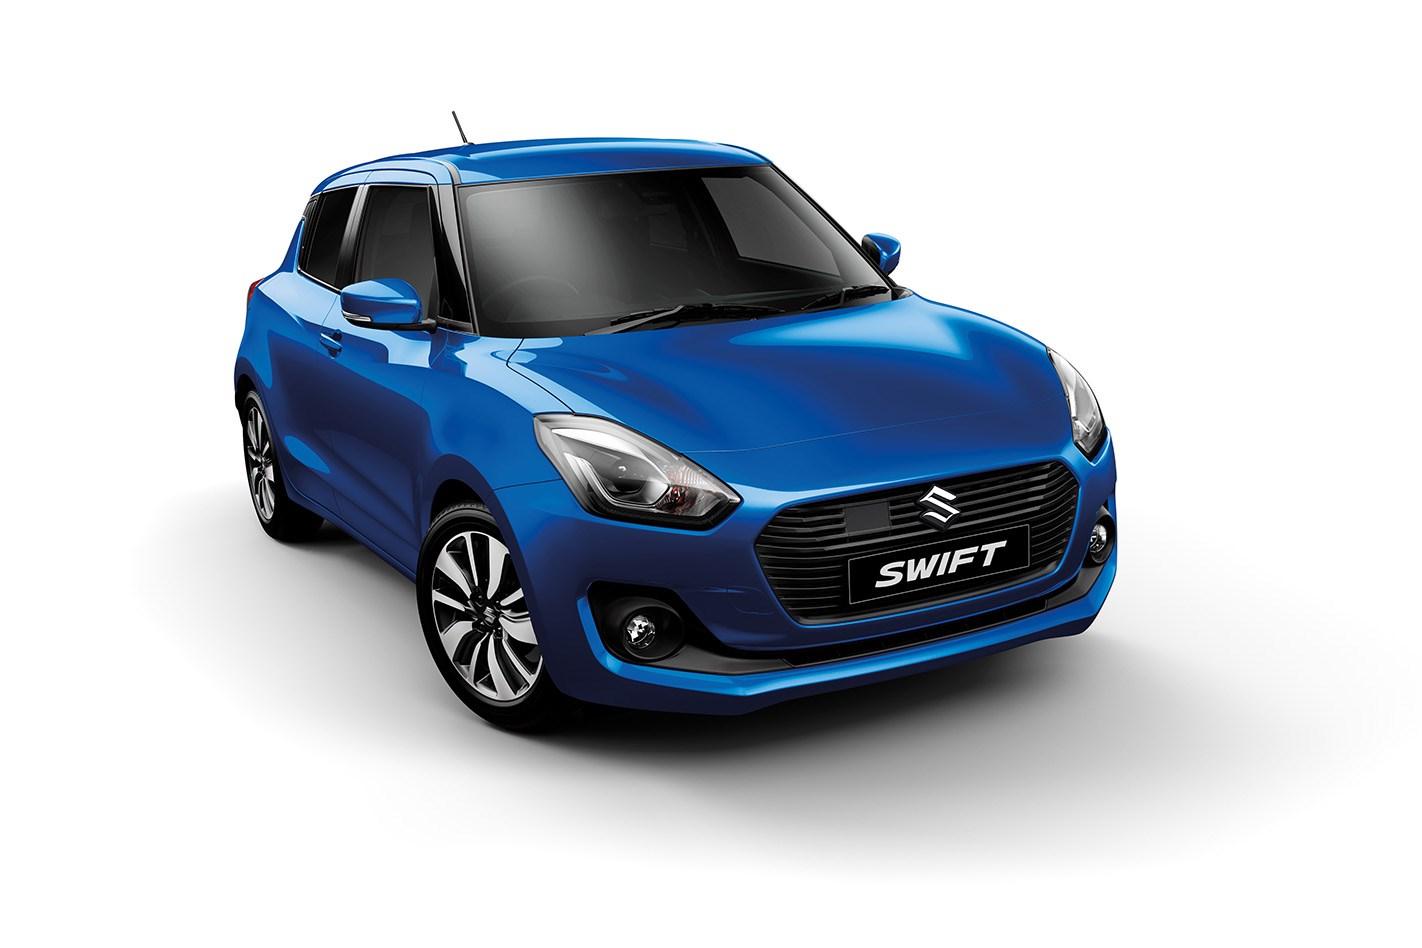 Suzuki Swift 2018 Review, Price & Features